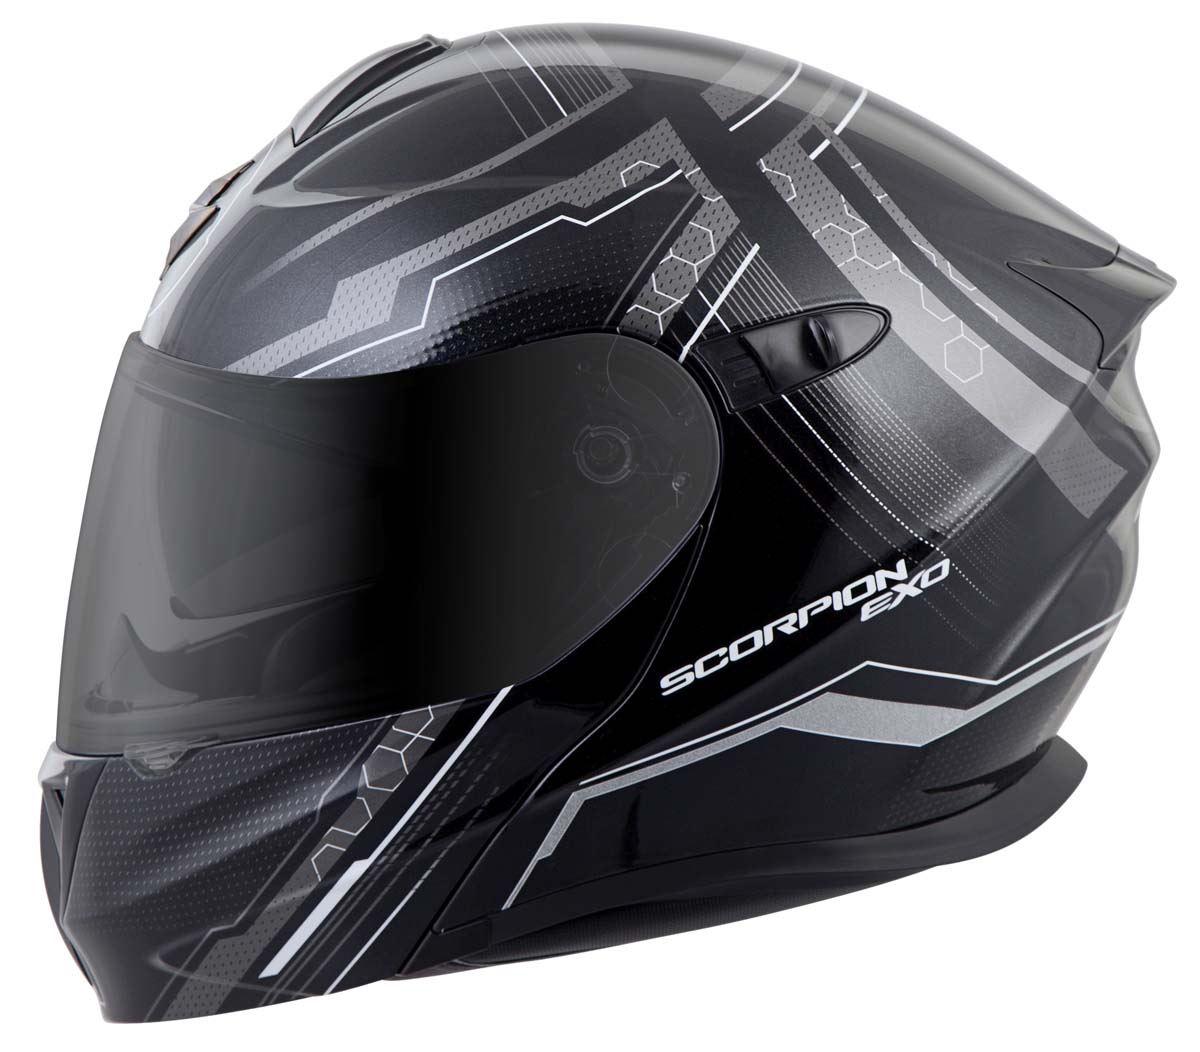 Scorpion-EXO-GT920-Helmet-Sport-Touring-Modular-Flip-Up-DOT-Approved-XS-3XL miniature 17